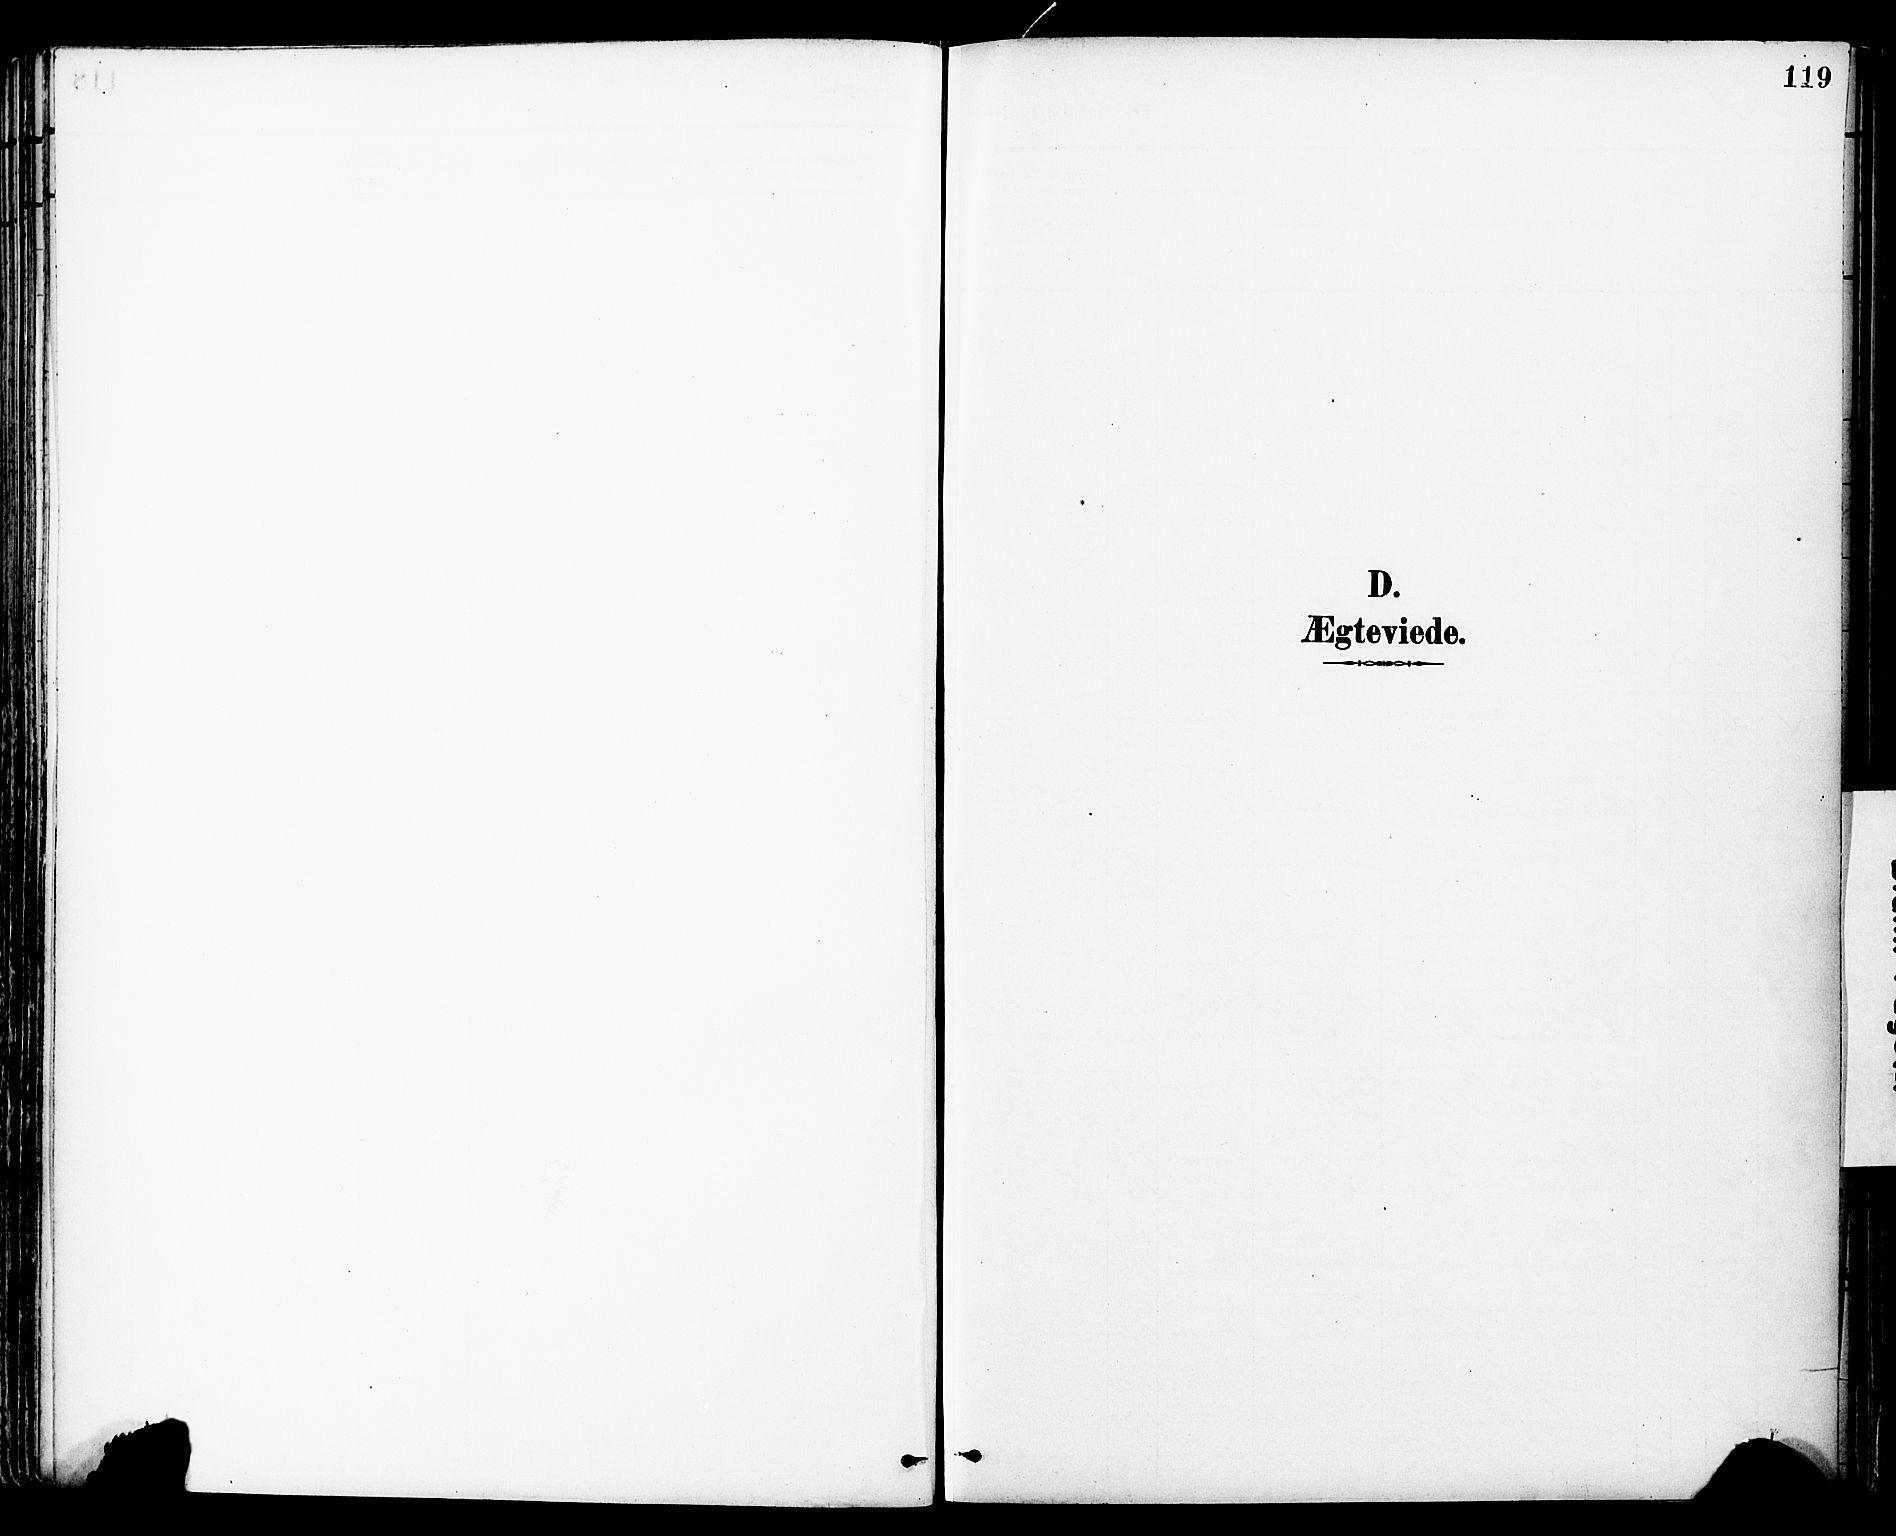 SAT, Ministerialprotokoller, klokkerbøker og fødselsregistre - Sør-Trøndelag, 681/L0935: Ministerialbok nr. 681A13, 1890-1898, s. 119